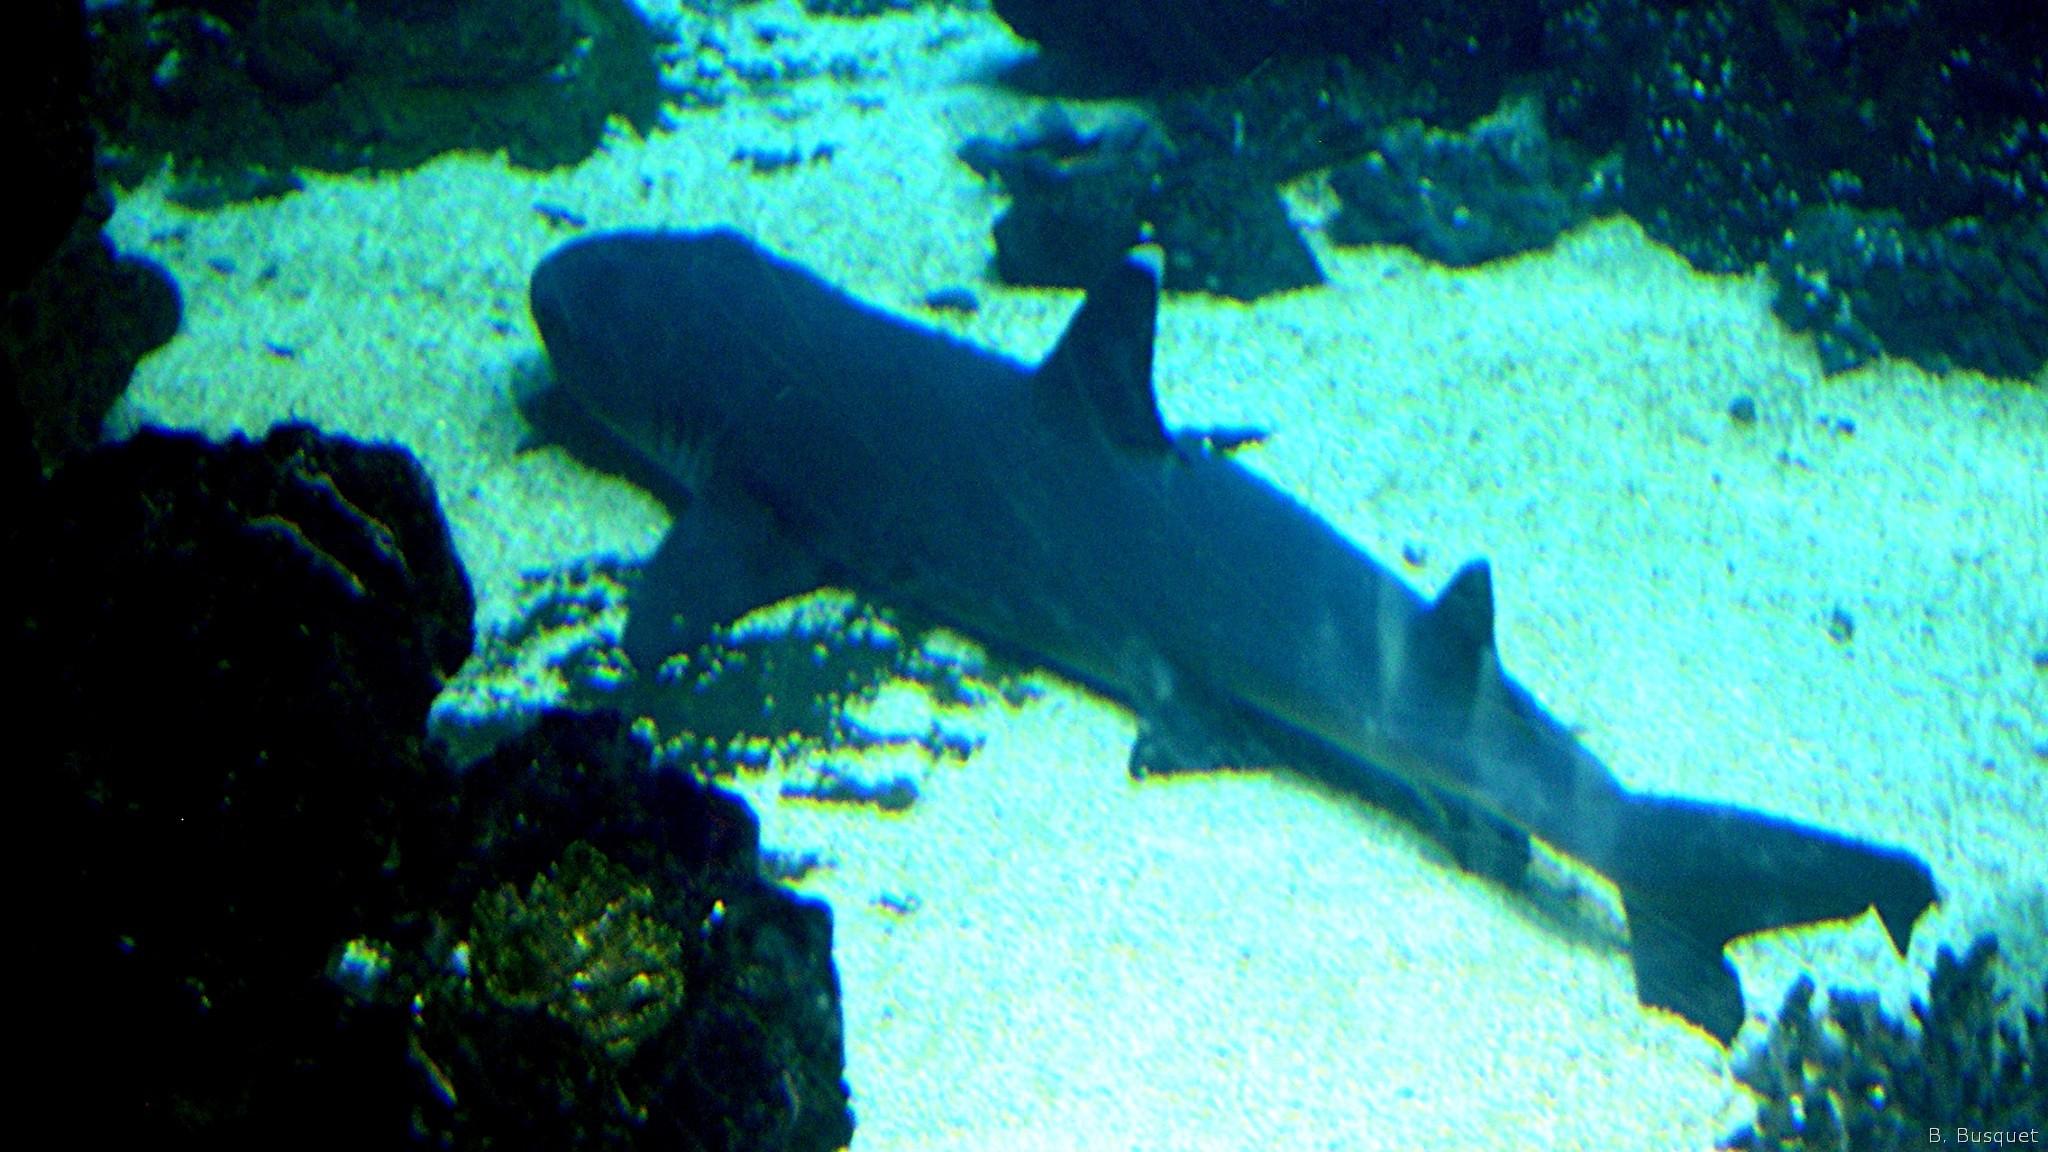 shark aquarium live wallpaper - photo #36